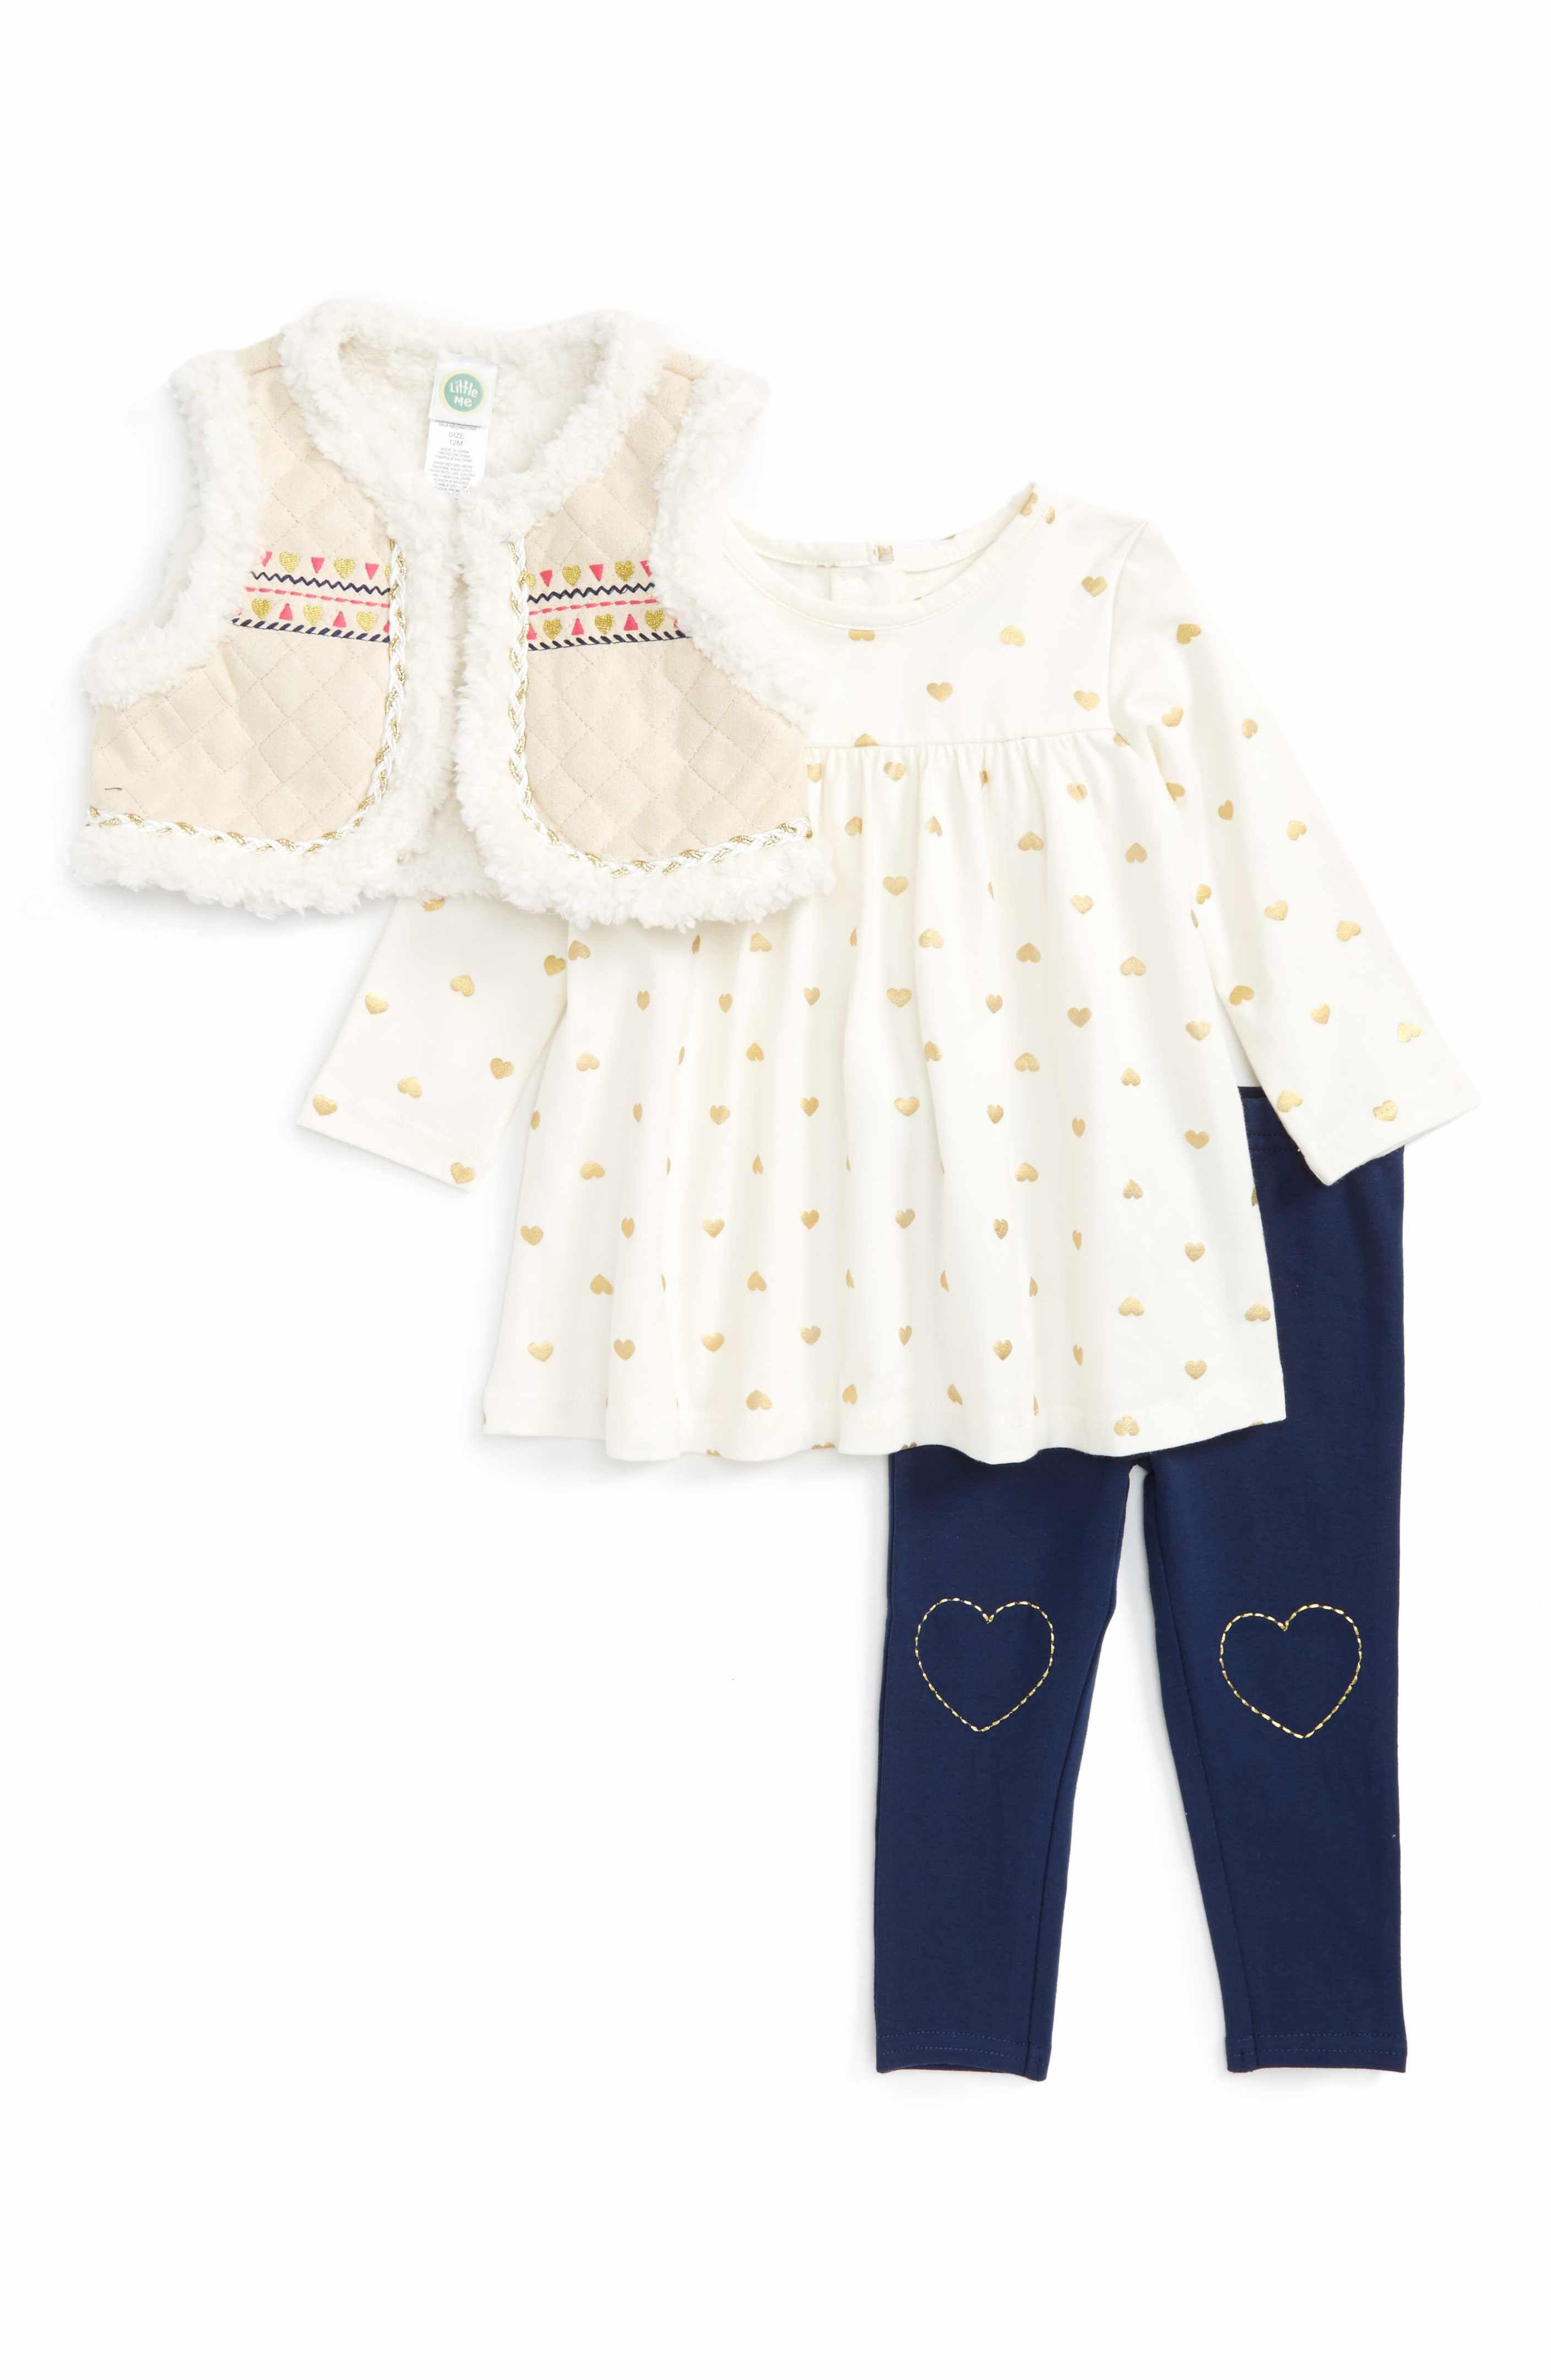 Main Image Little Me Vest Long Sleeve Shirt & Leggings Set Baby